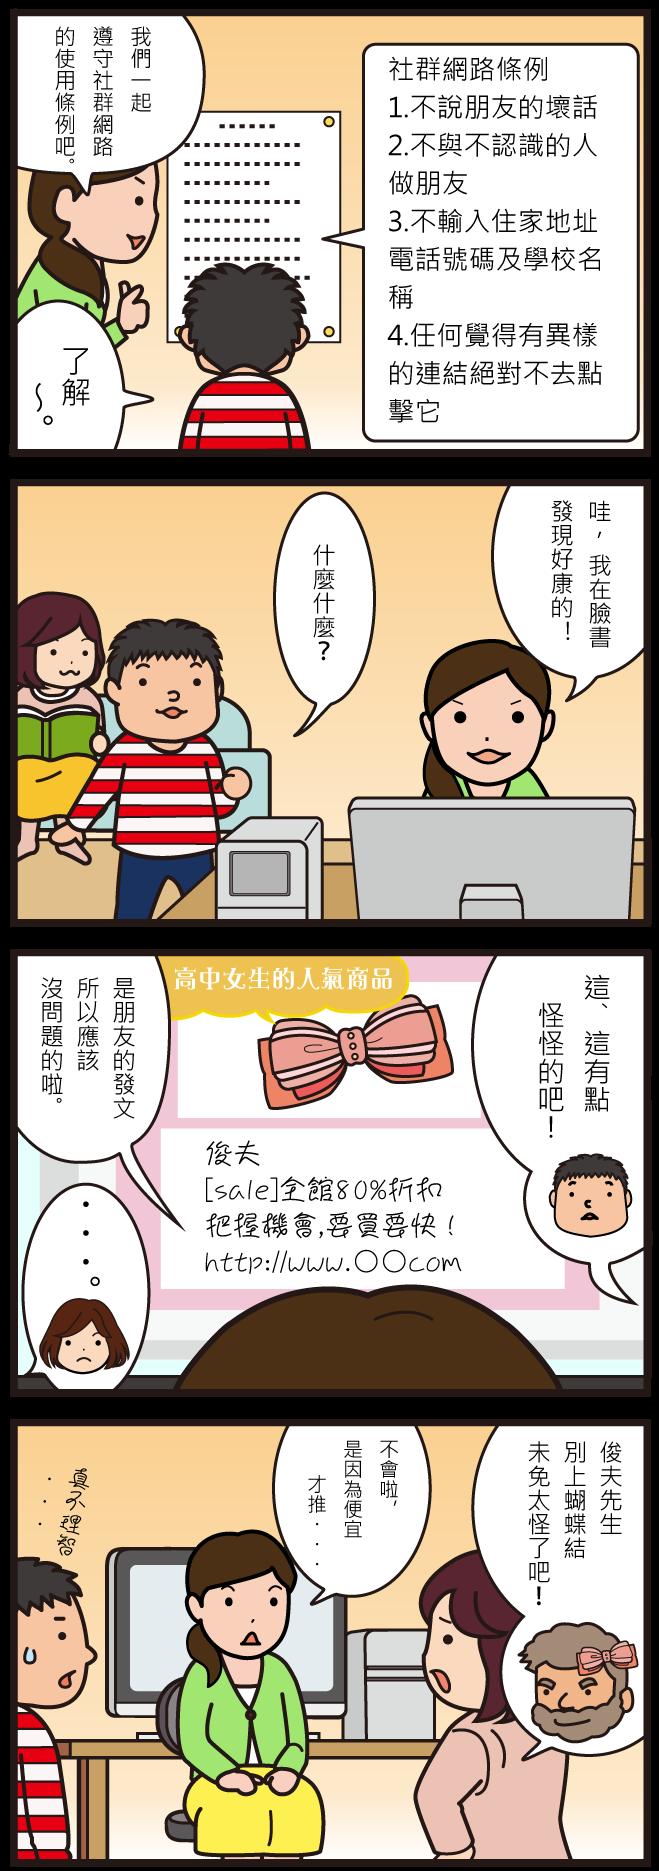 資安漫畫 社群網站 惡意連結28